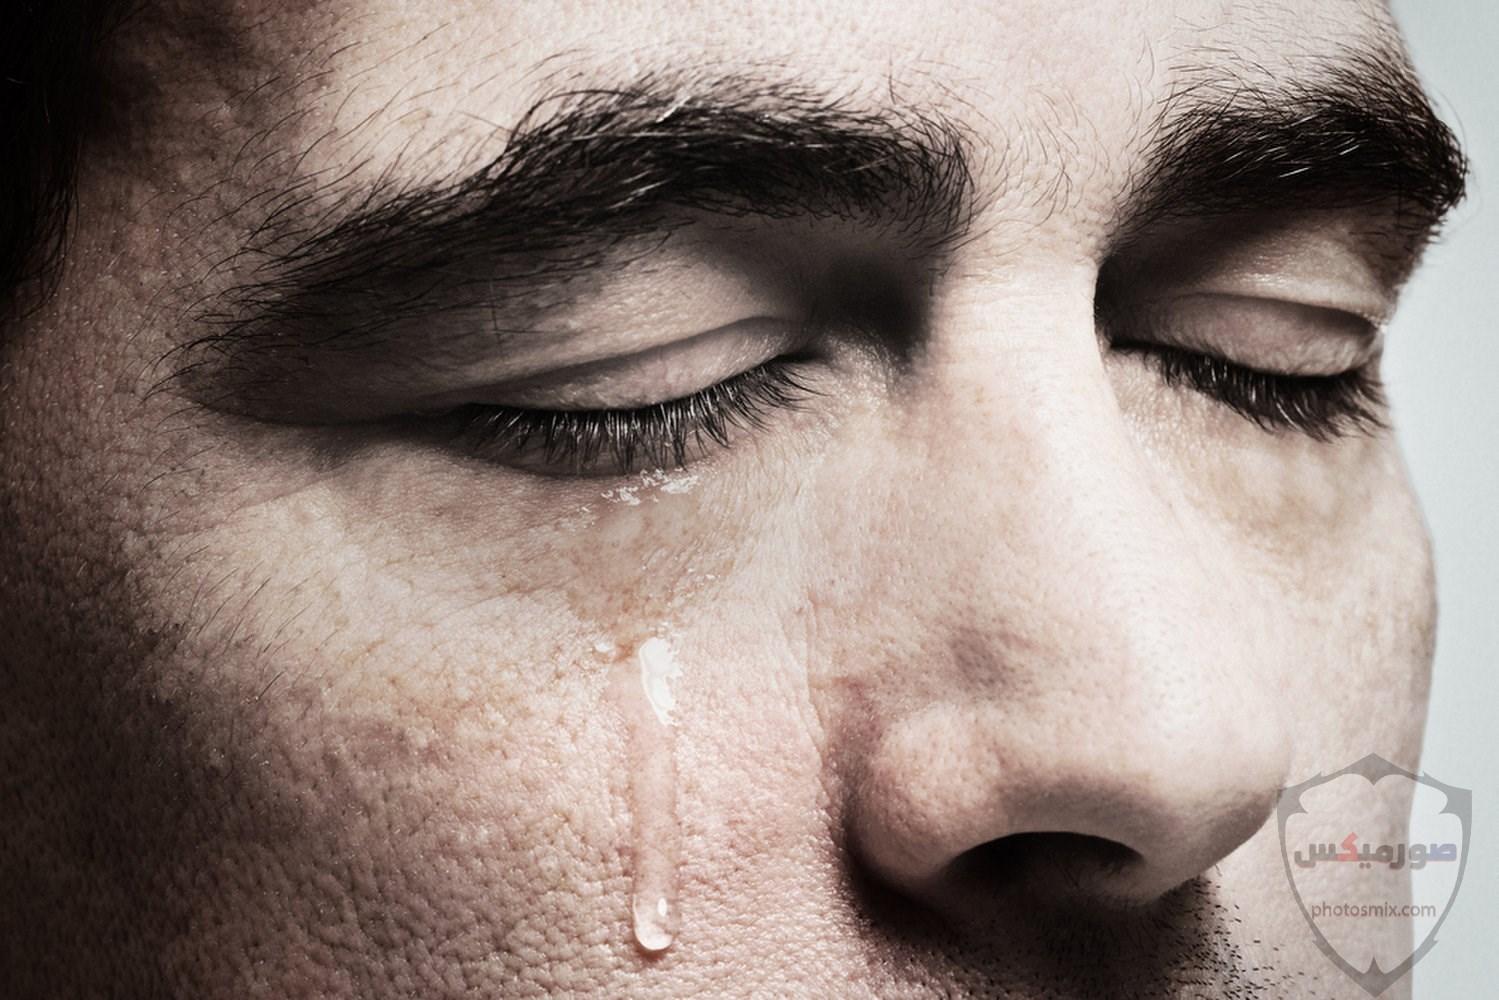 صور حزن جديدة 2020، صور دموع ، عبارات حزينة ، صور زعل مكتوب عليها كلام حزين 18